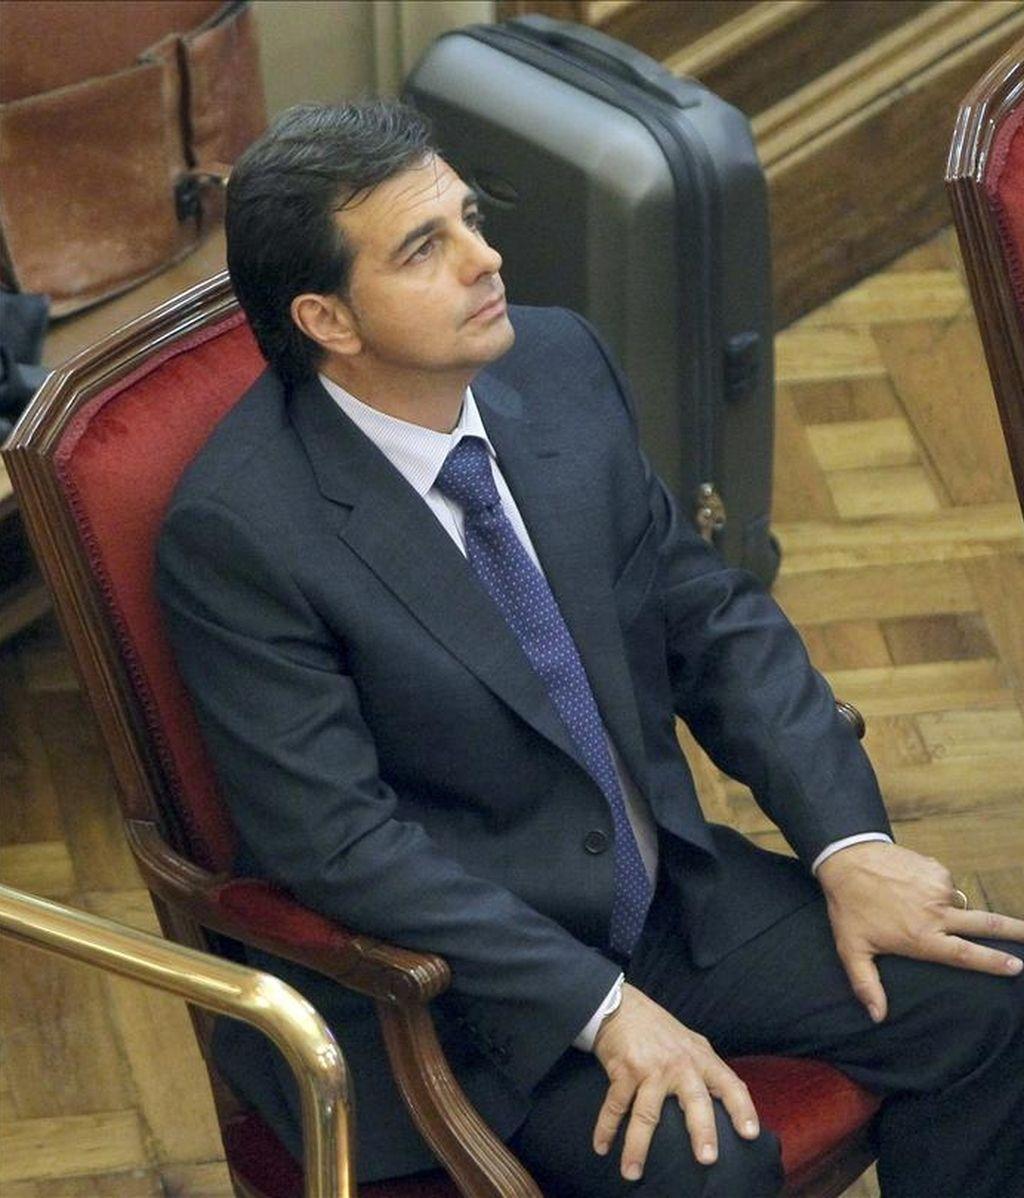 El yerno y jefe de seguridad de los joyeros Tous, Lluís Corominas, acusado de matar a un presunto ladrón, en la silla de los acusados de la Audiencia de Barcelona. EFE